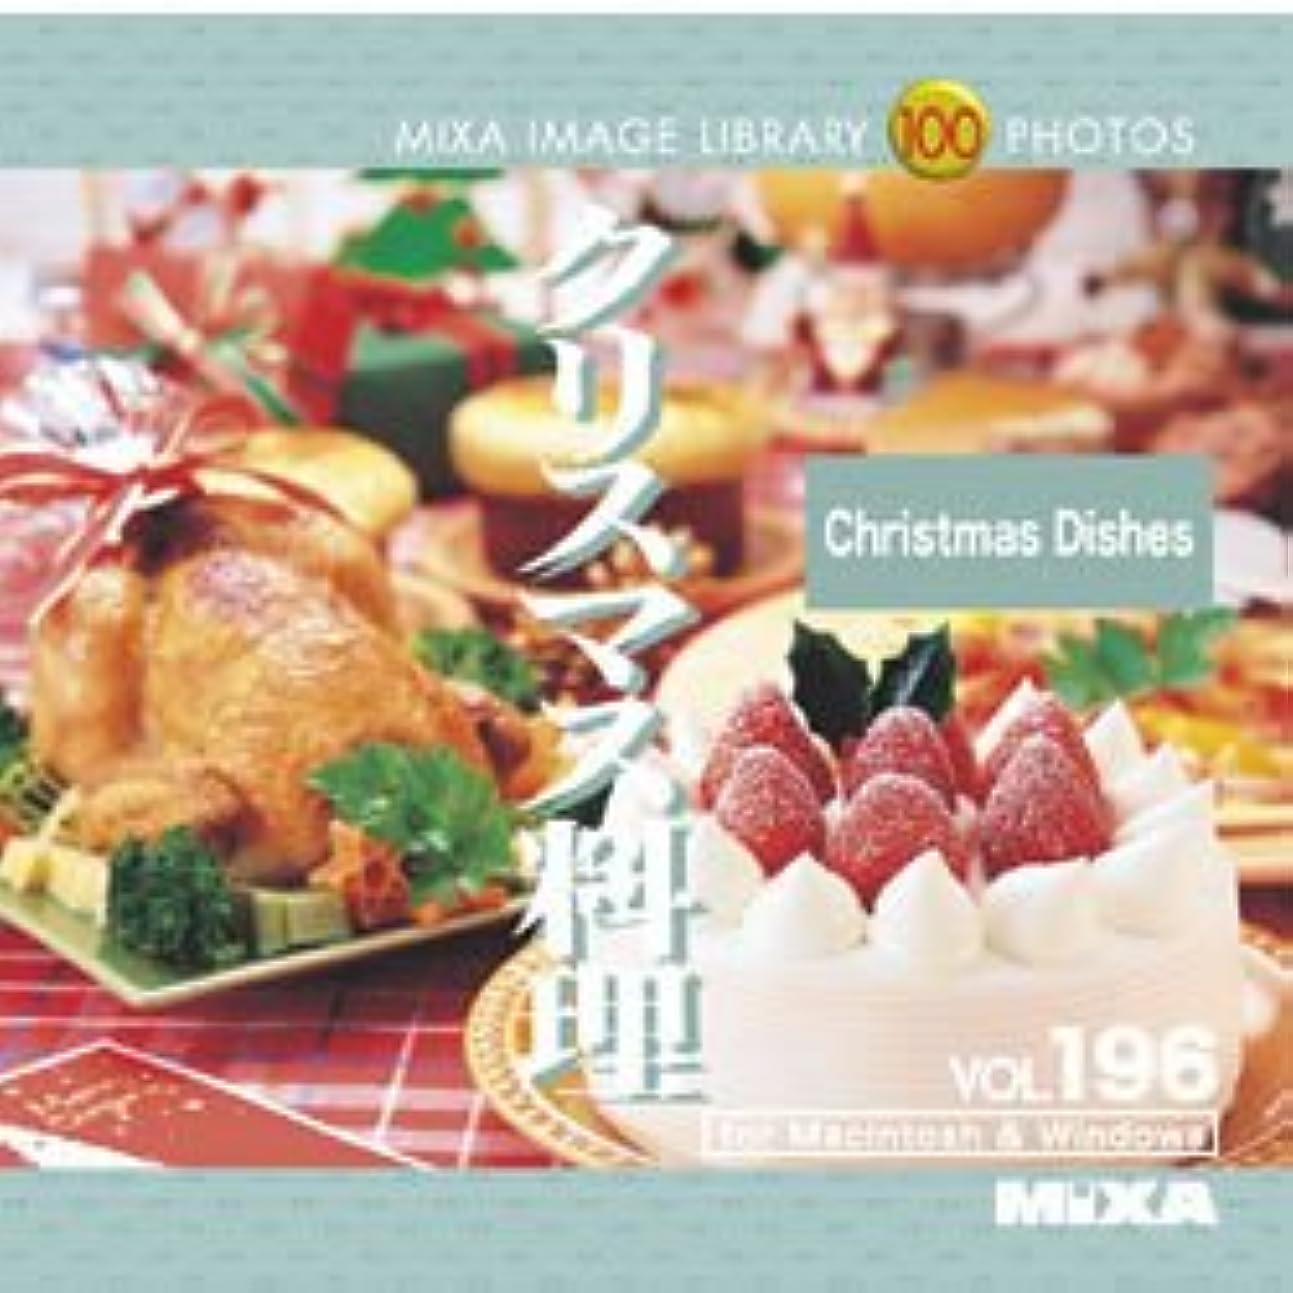 無駄だフェードアウト苦情文句MIXA IMAGE LIBRARY Vol.196 クリスマス料理